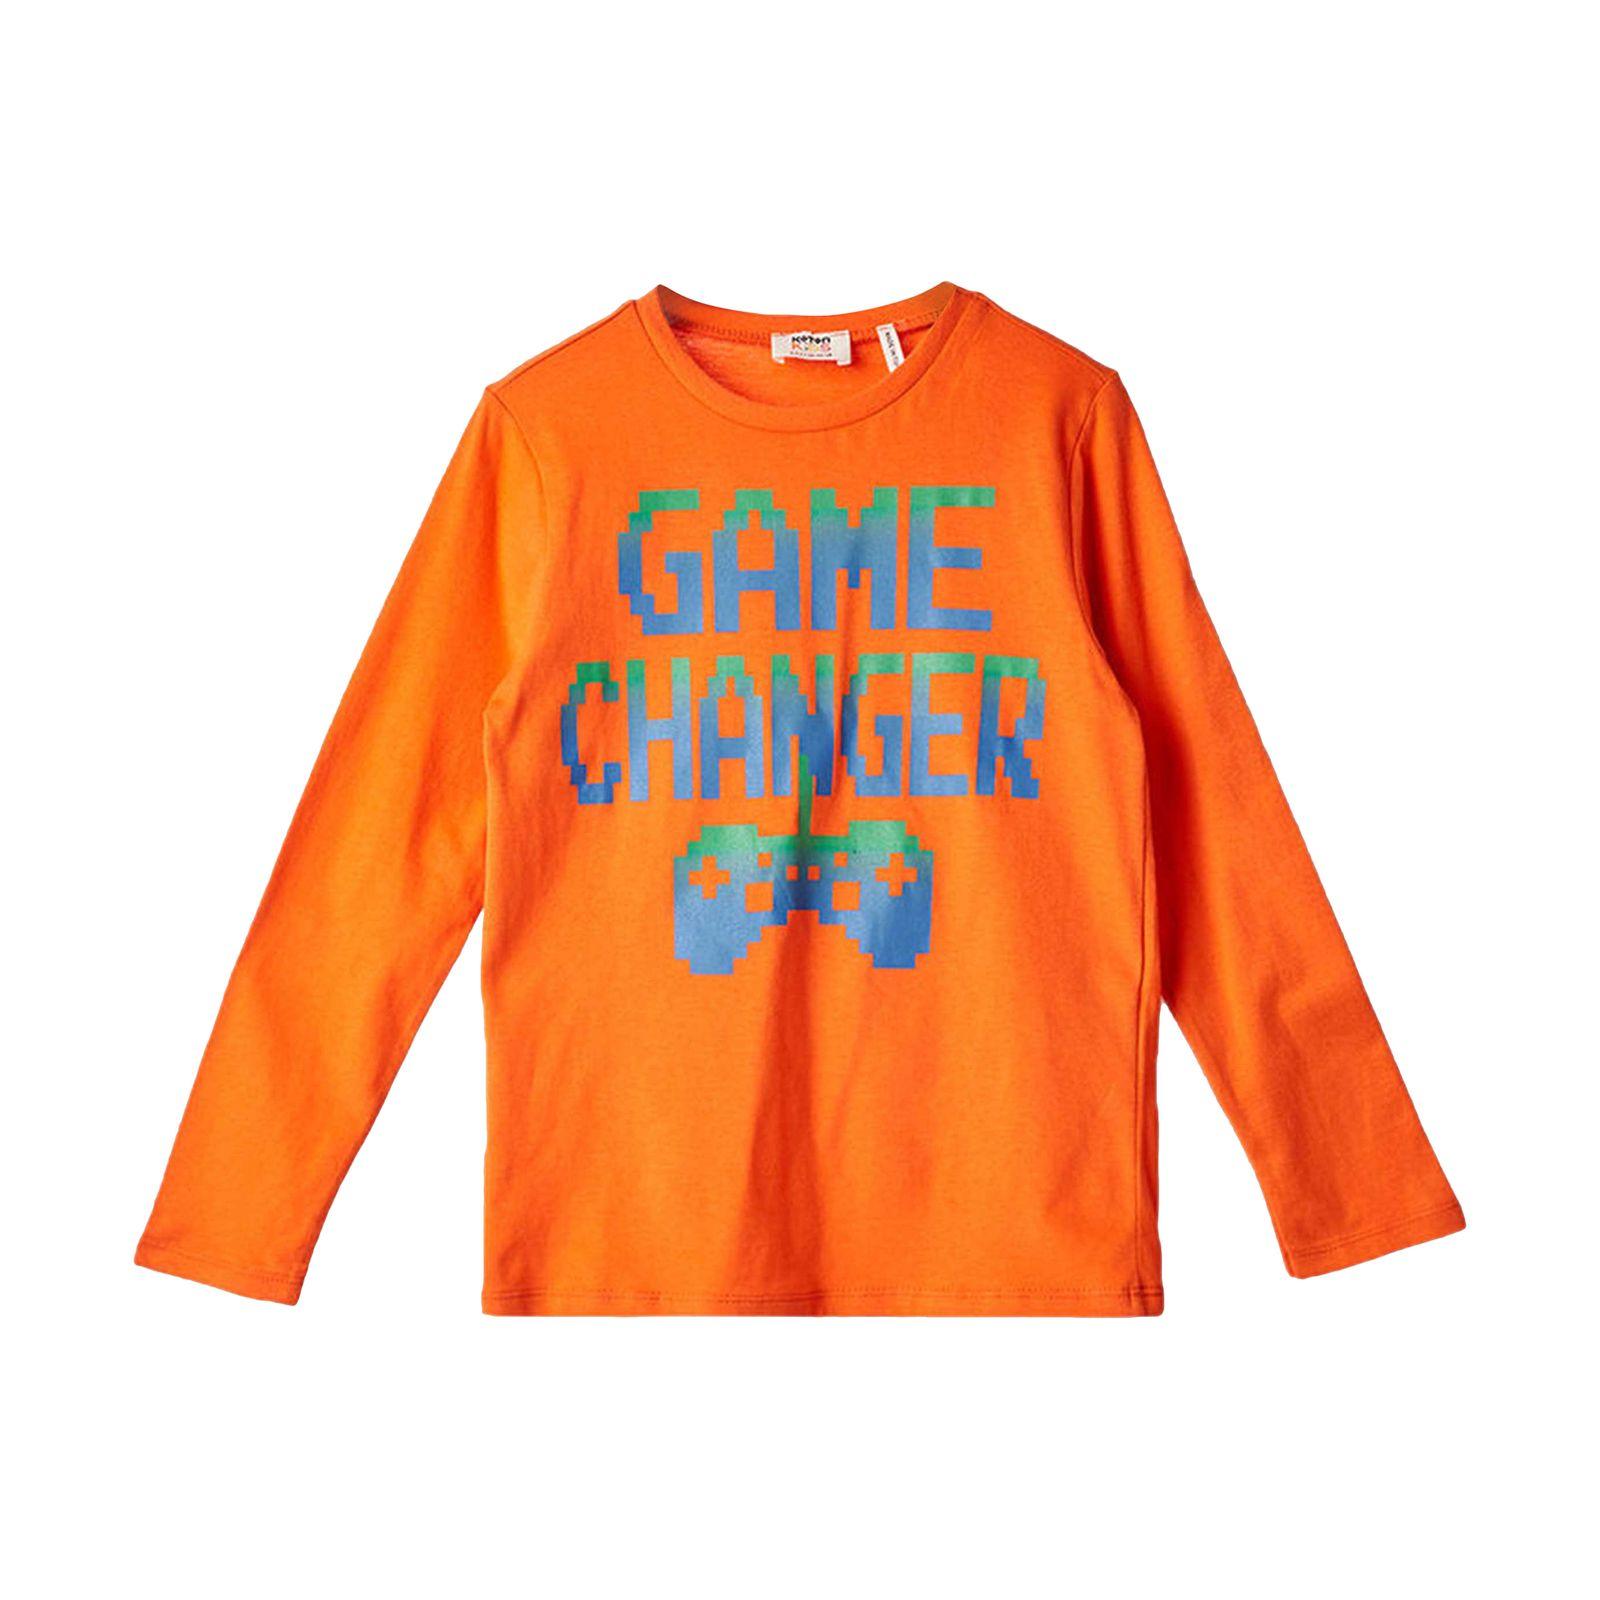 تی شرت پسرانه کوتون مدل 1kkb16802ok-23 -  - 2